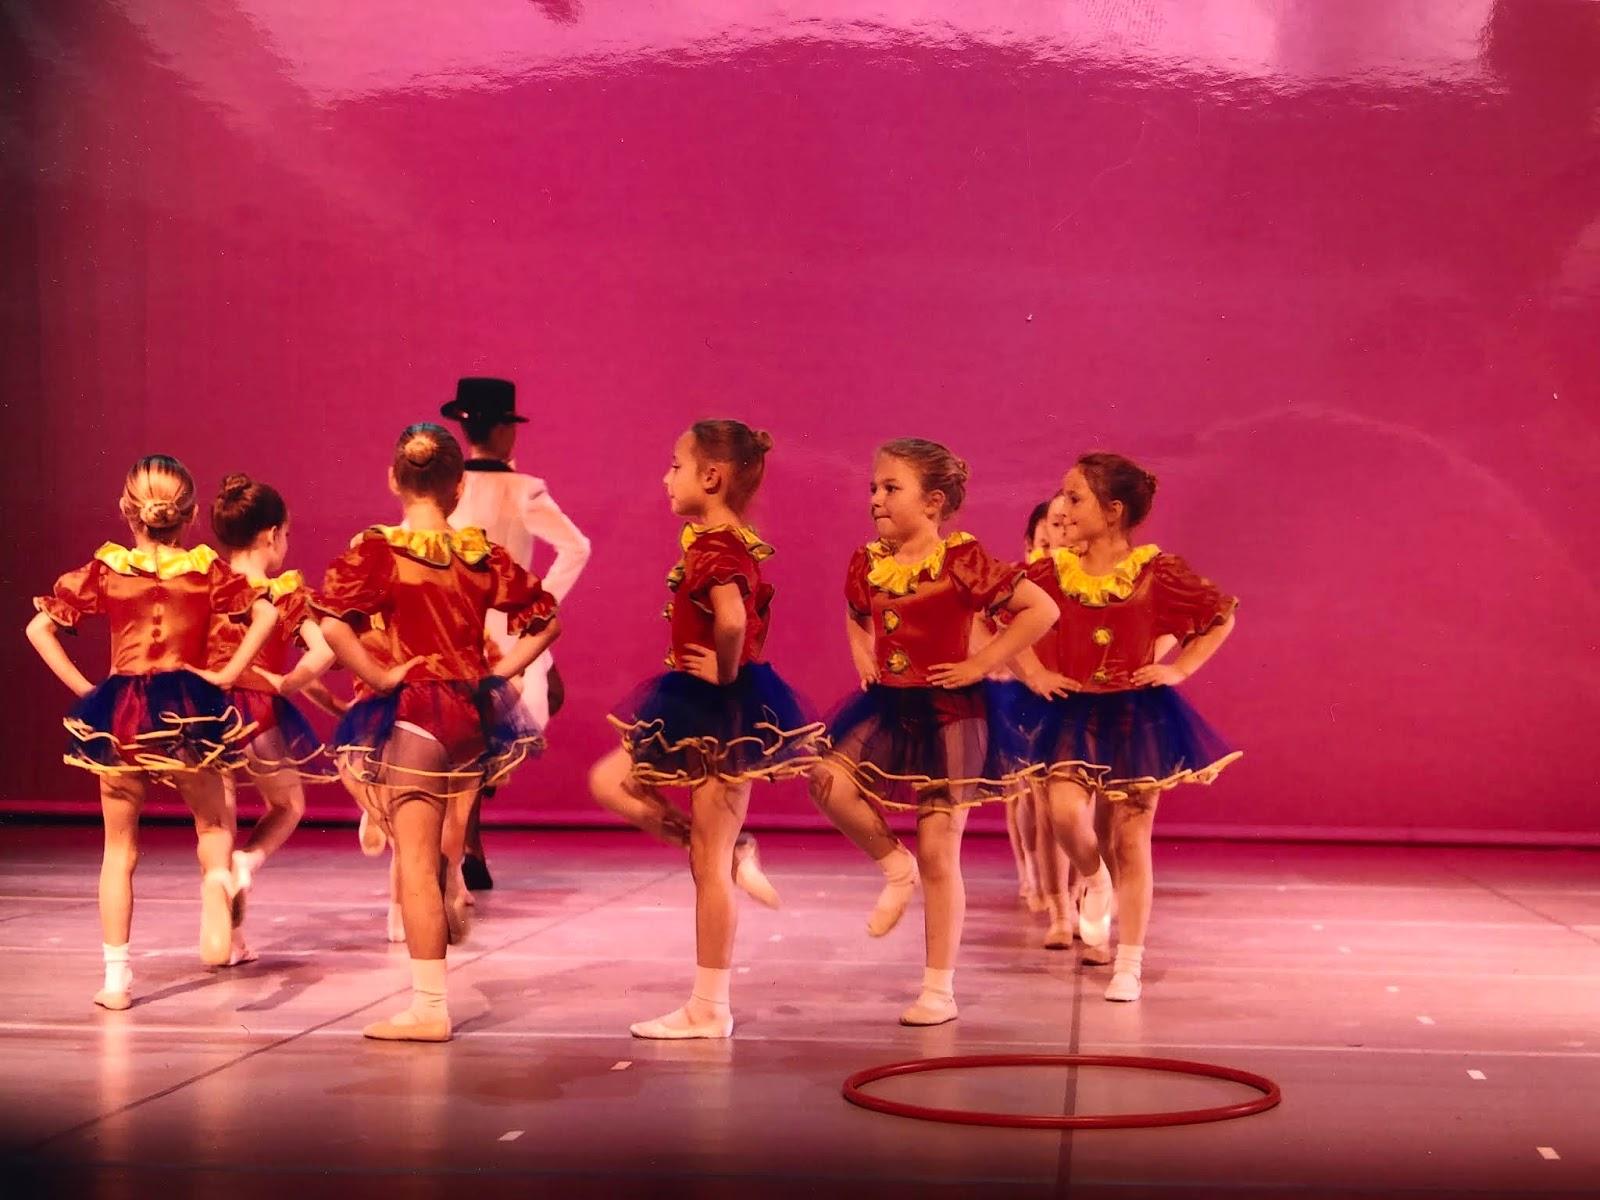 Een terugblik op de balletshow waar ik als jong meisje aan heb meegedaan.